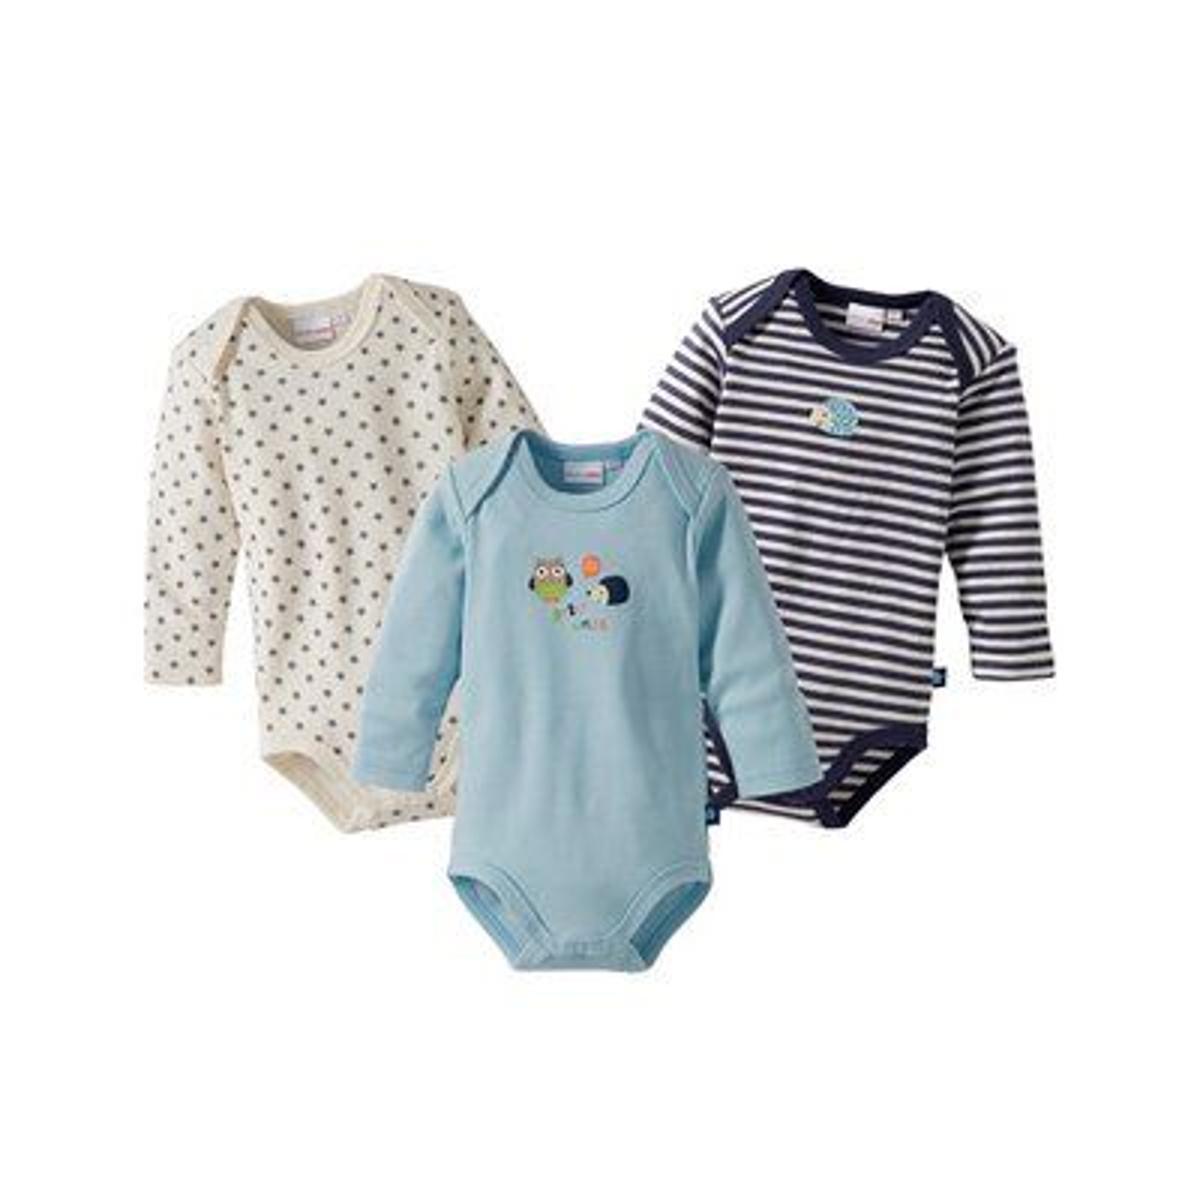 Bornino Lot de 3 bodys à manches longues bébé